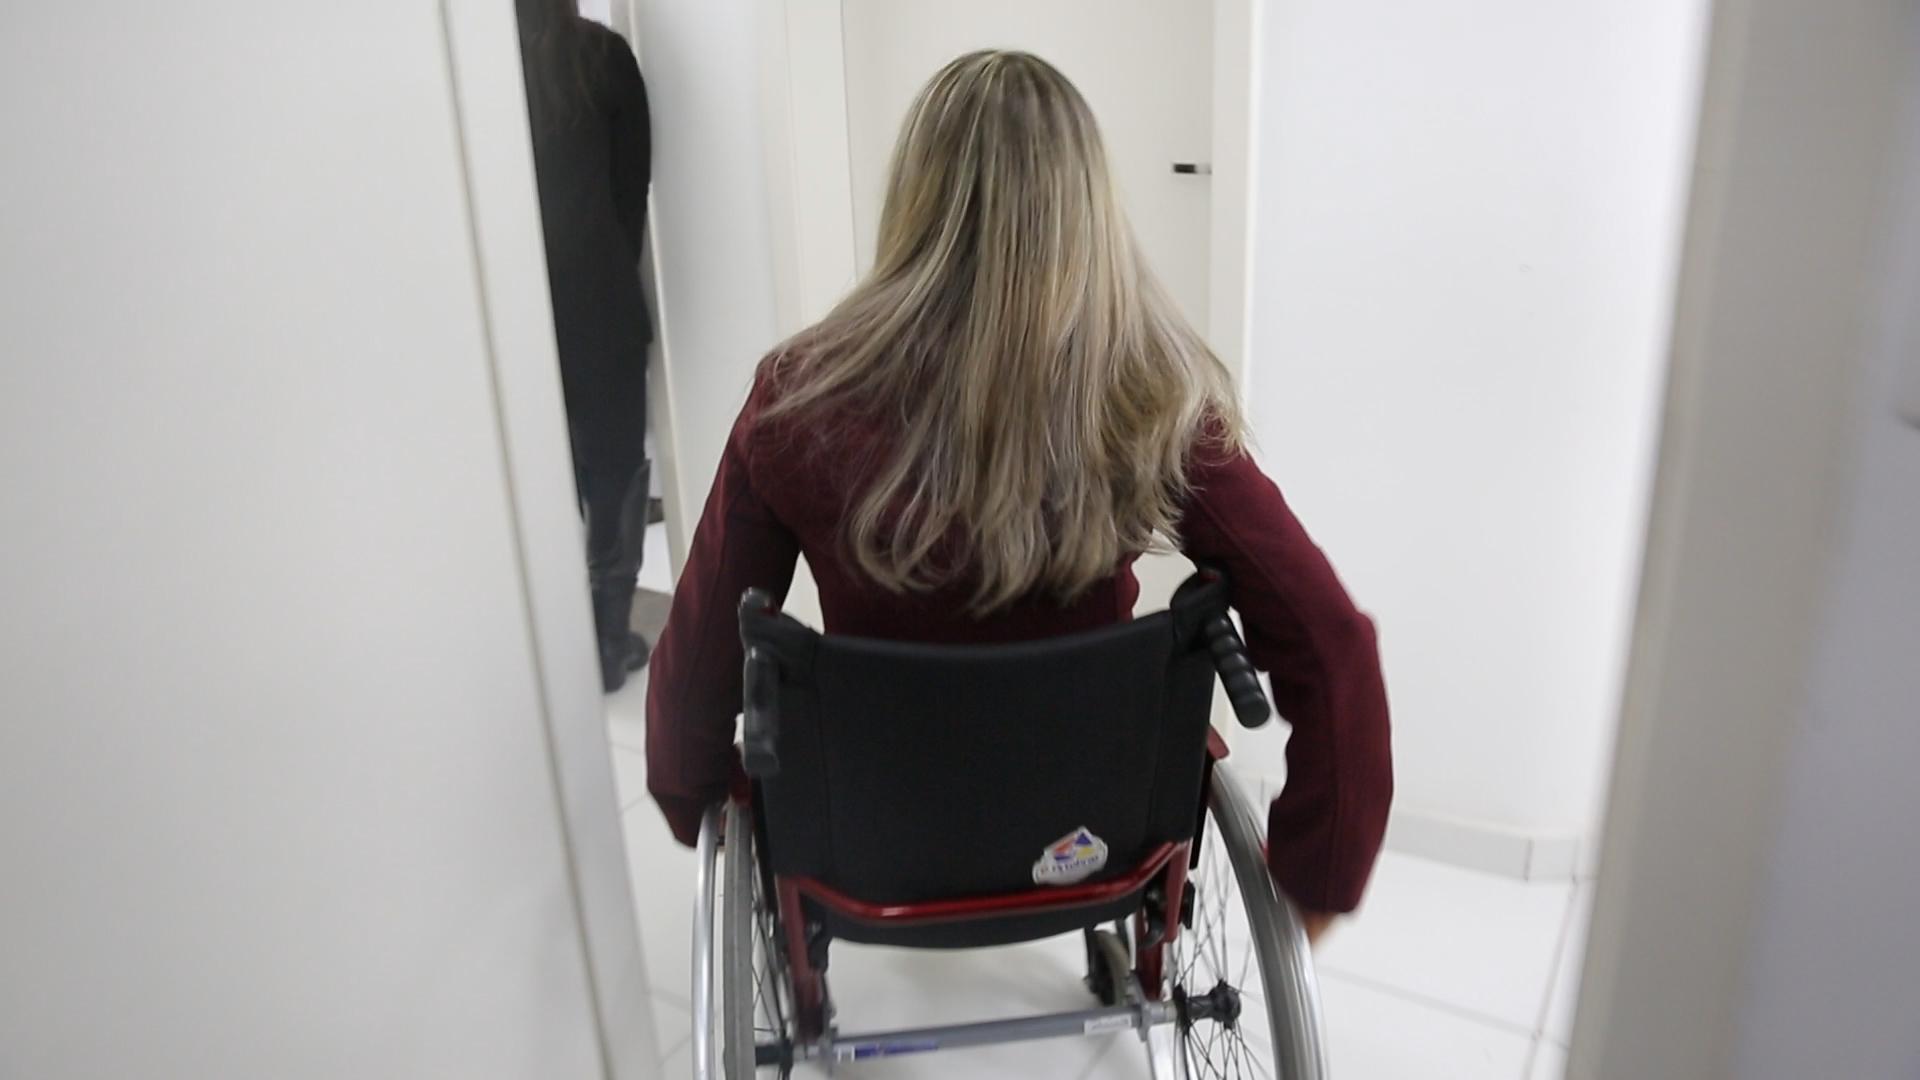 Vereadora cadeirante participa das sessões na Câmara por videoconferência